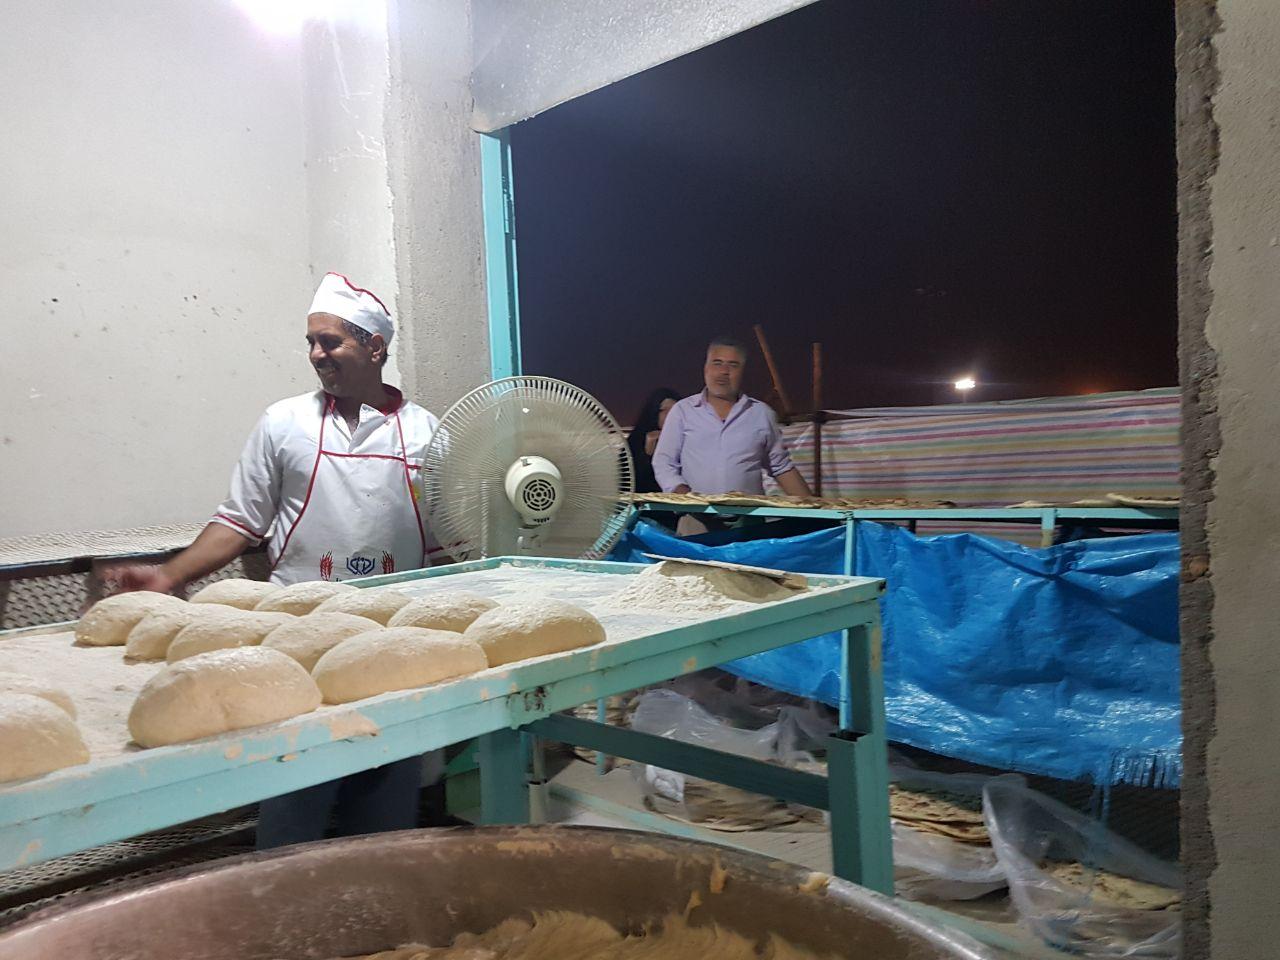 پخت ۸۰۰۰ قرص نان مهدوی در جمکران توسط خبازان رفسنجان